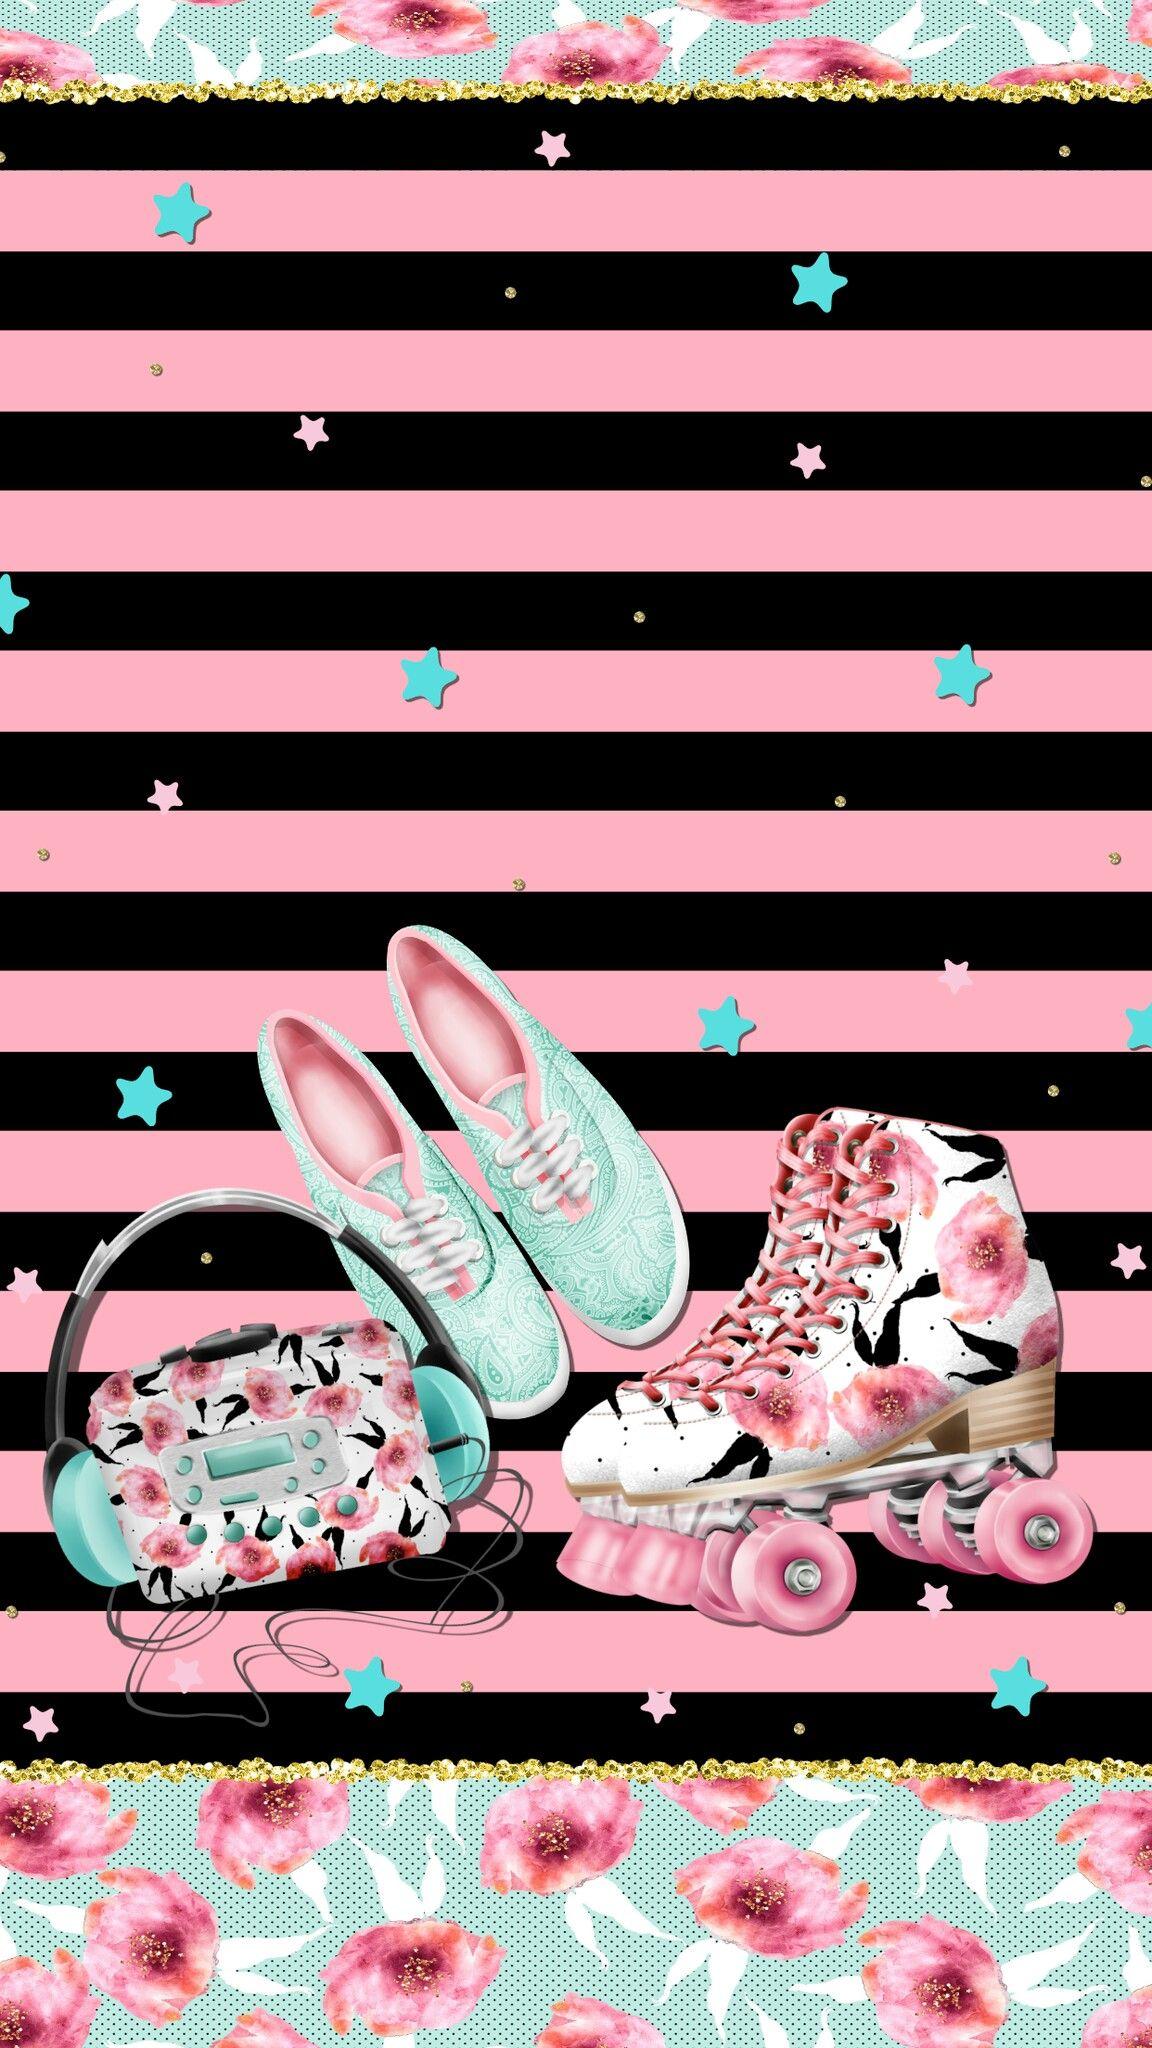 Top Wallpaper Hello Kitty Smartphone - a23013561e27bbdb0d302d9d05355b84  Graphic_11940.jpg